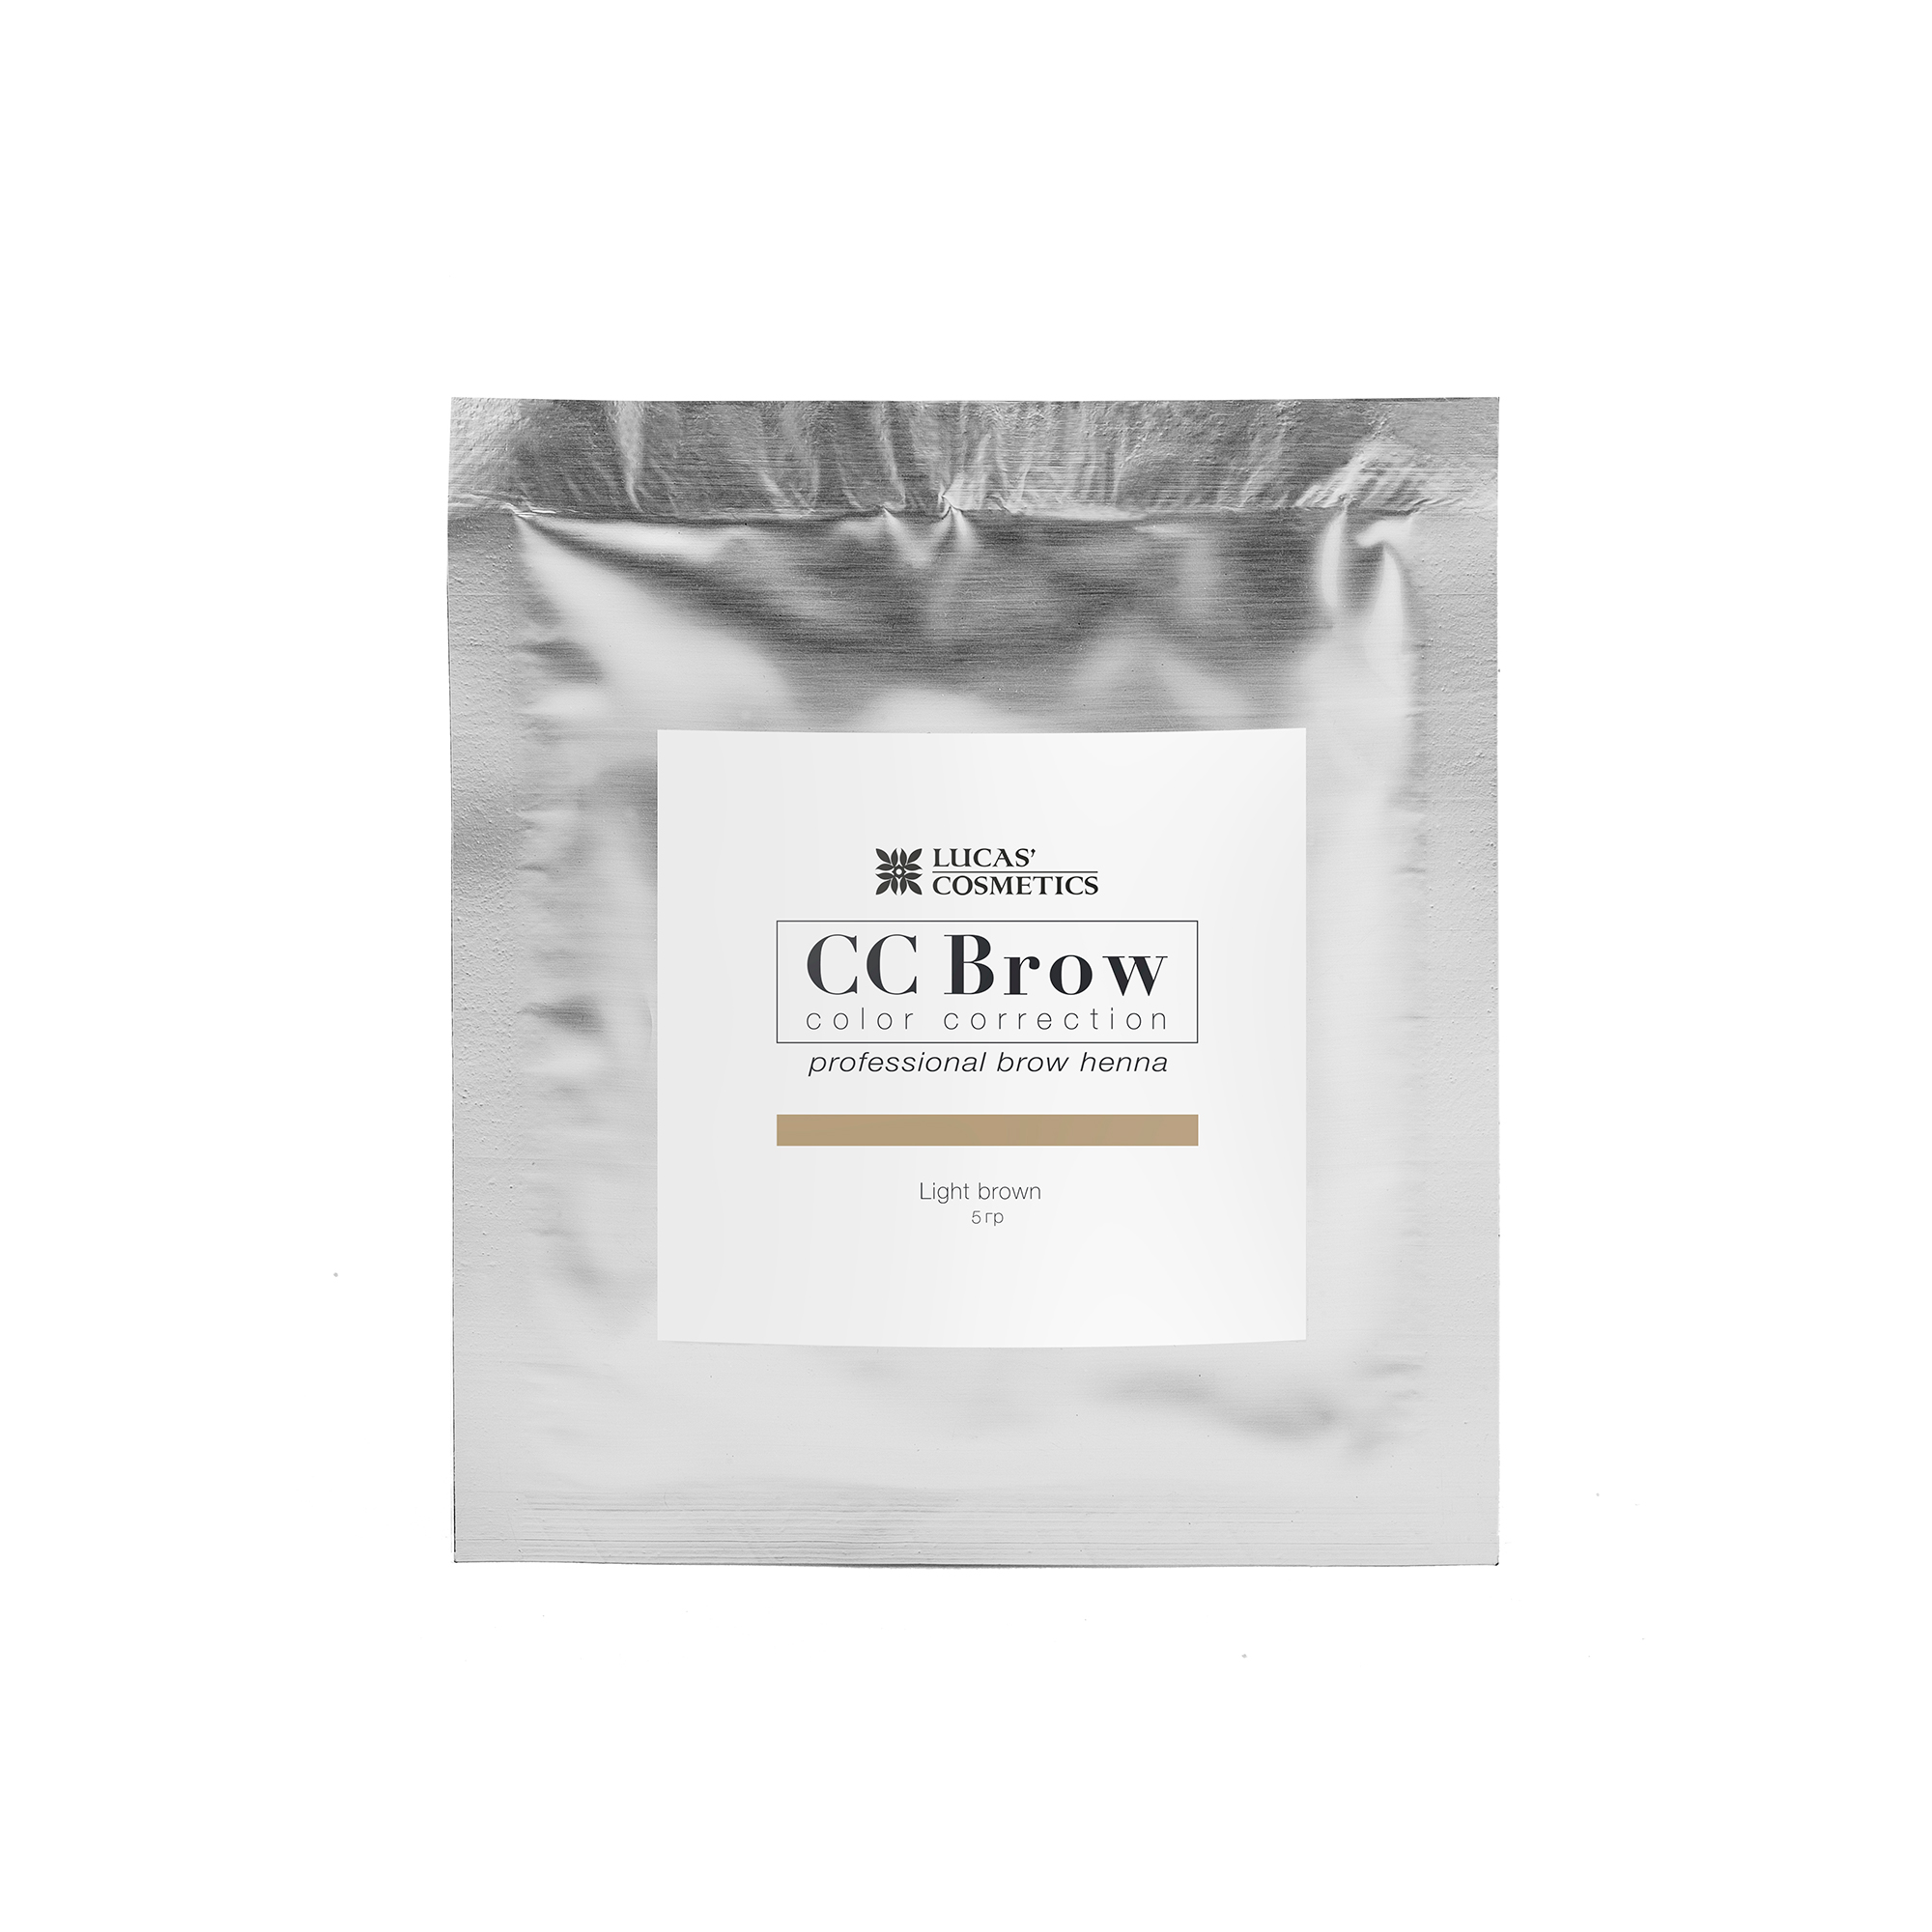 LUCAS' COSMETICS Хна для бровей в саше (светло-коричневый) / CC Brow (light brown), 5 гр